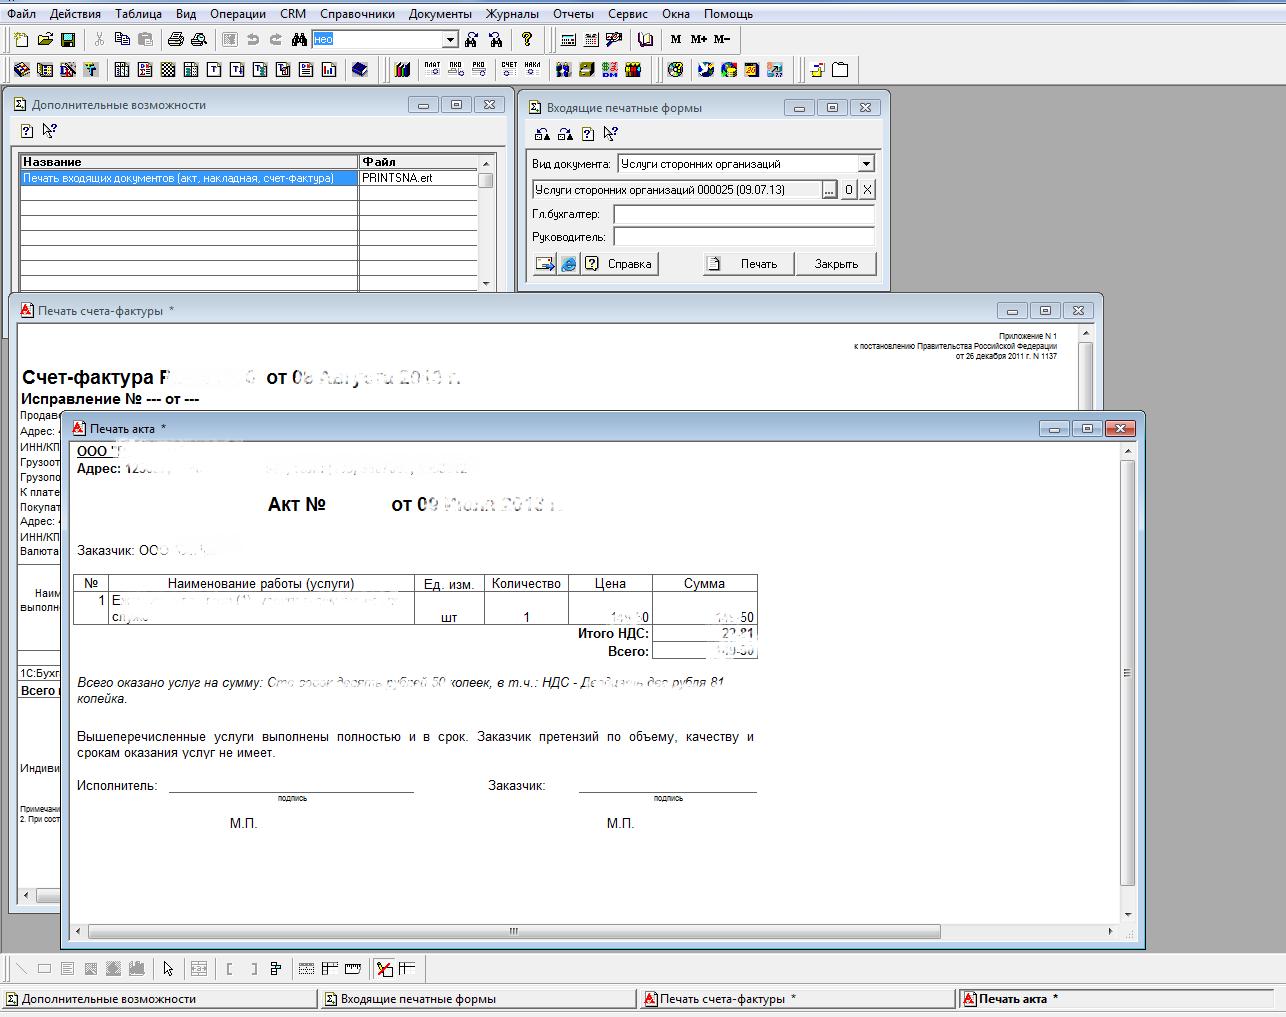 Обновление конфигурации 1с 7.7 ert внедрение 1с этапы работ